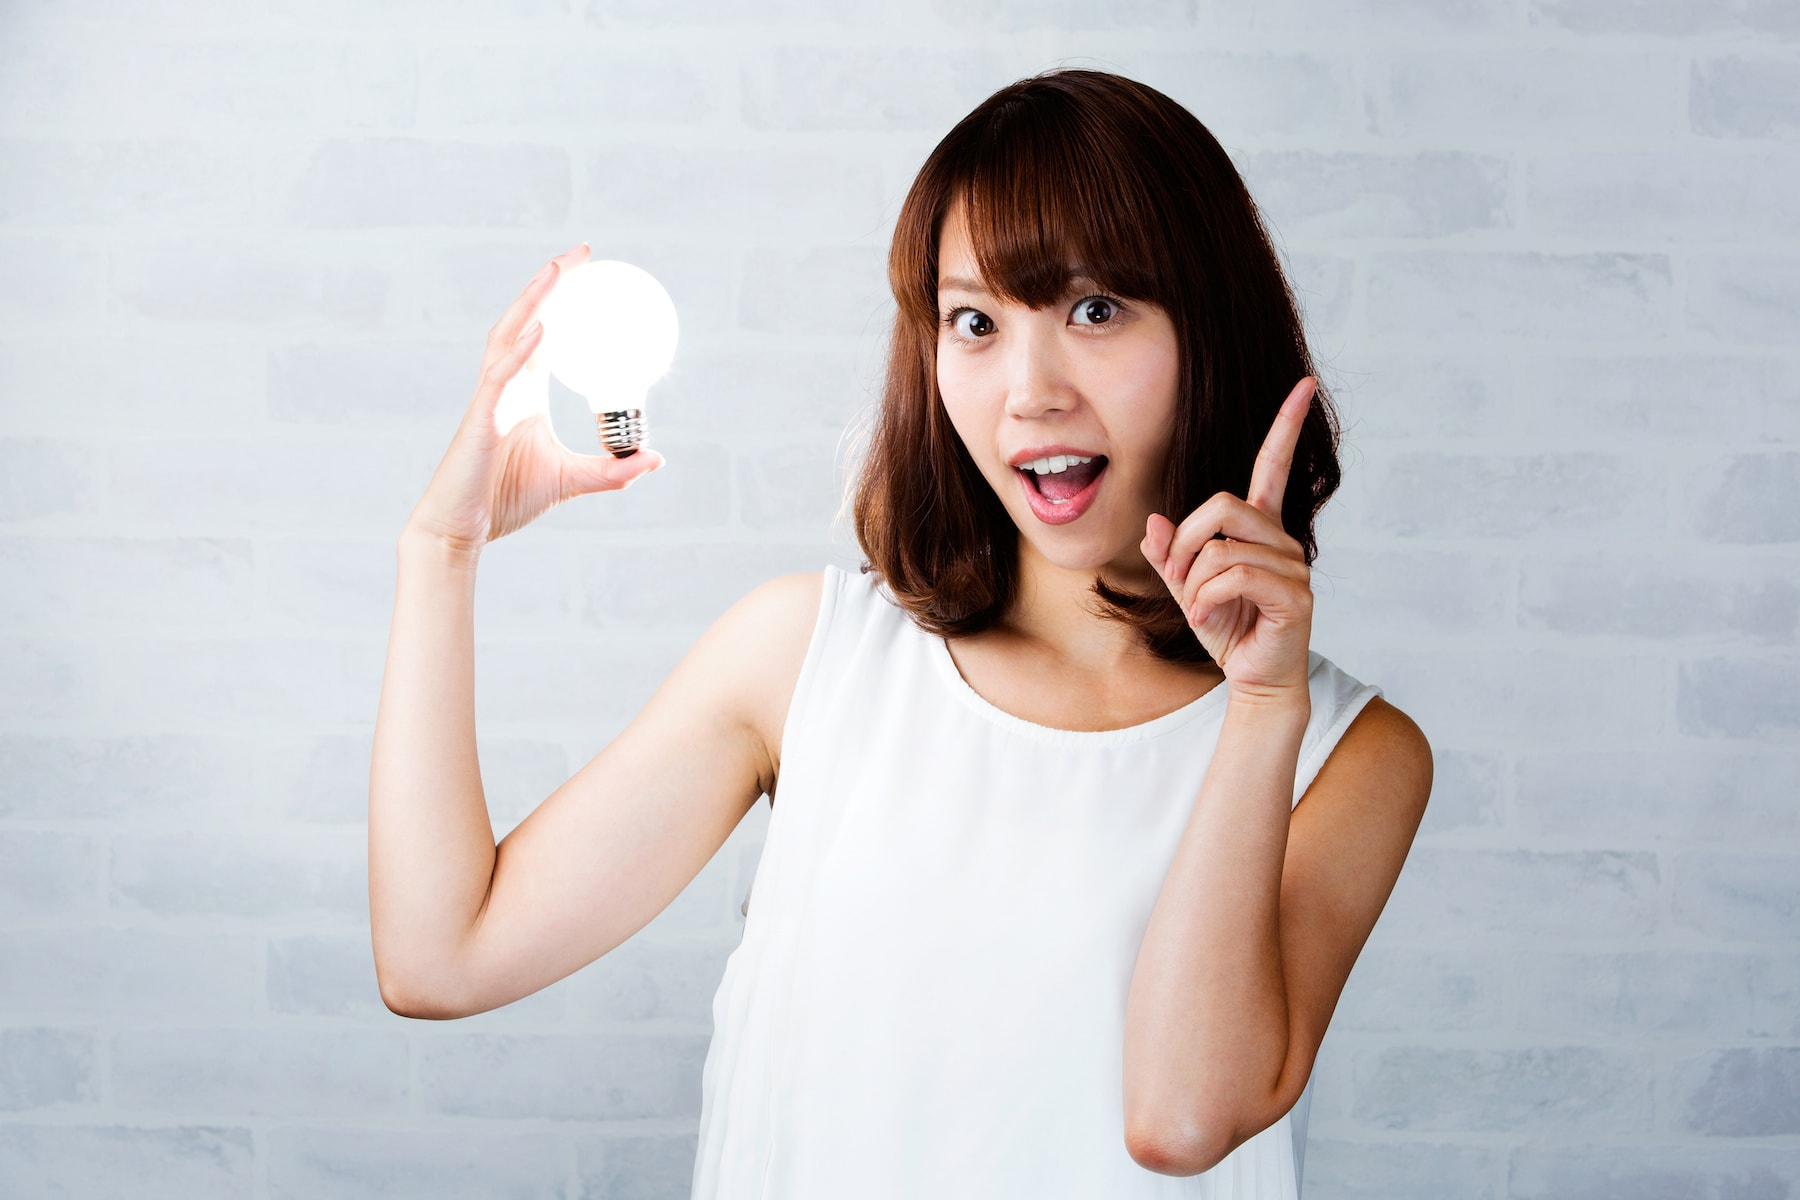 電球を持つ女性